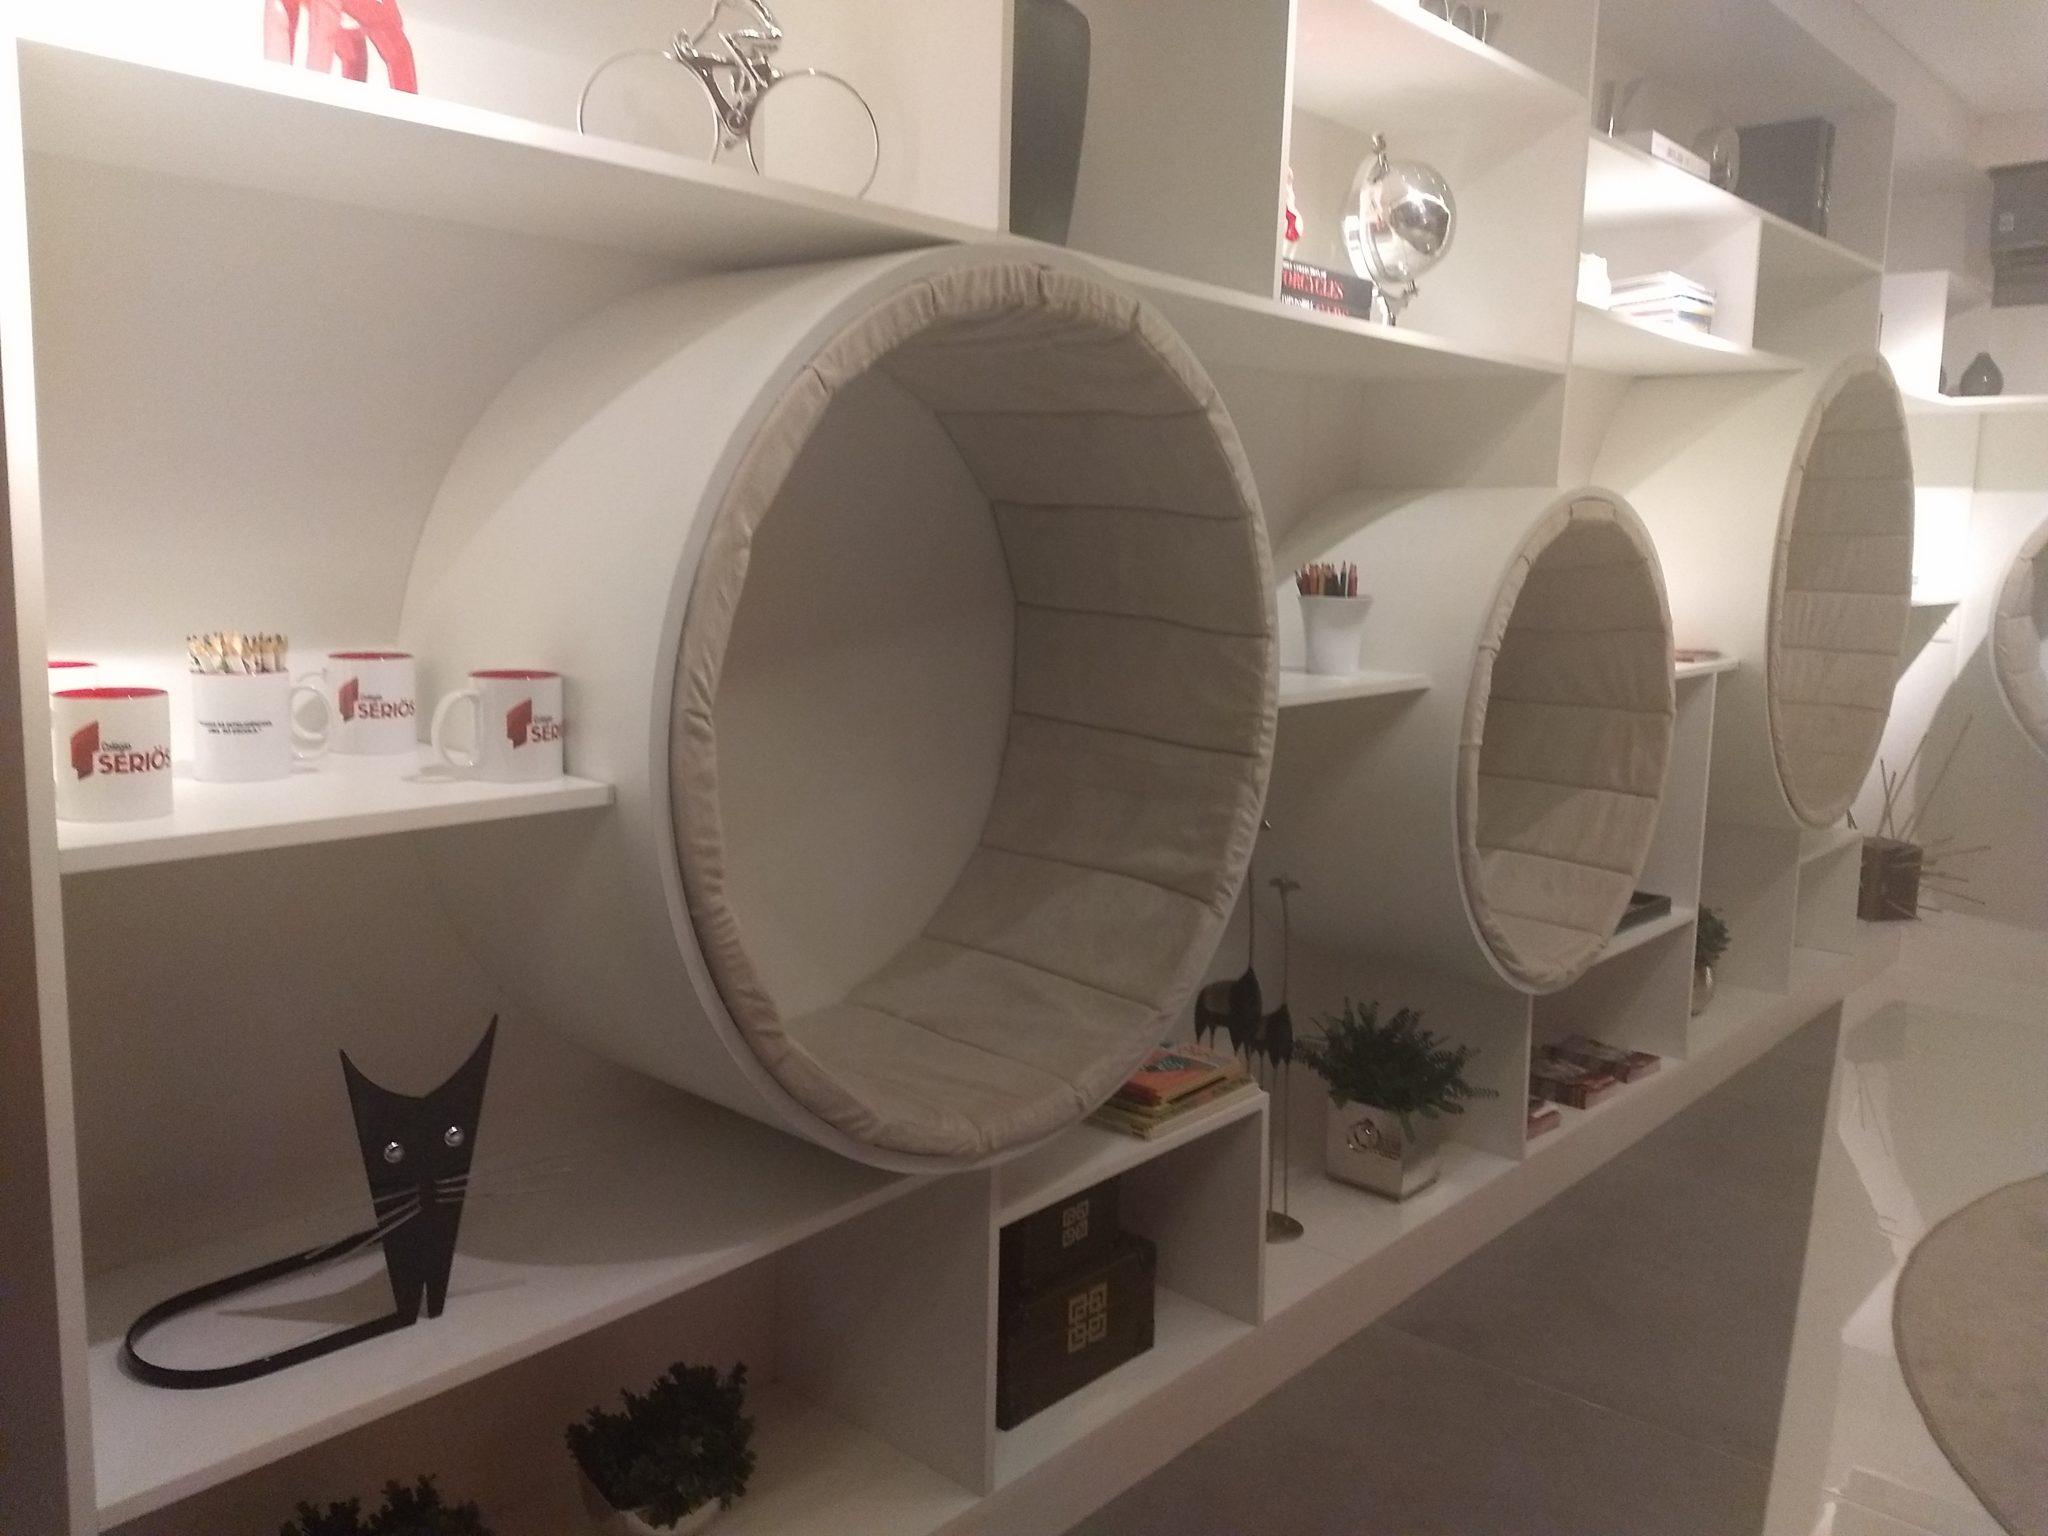 E essa estante que dá pra sentar e pode ser um espaço incrível para os gatinhos?!